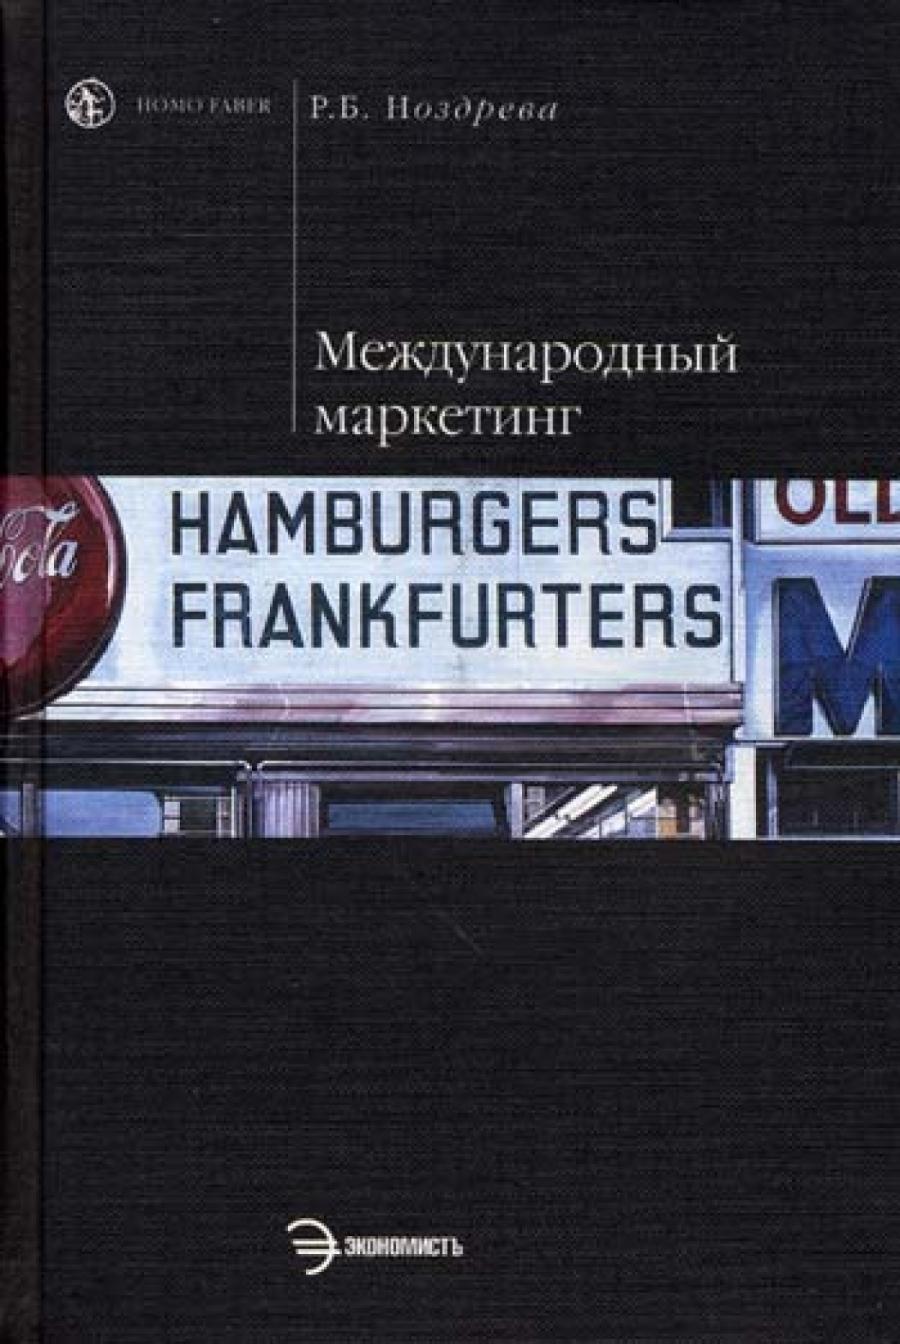 Обложка книги:  ноздрева р.б. - международный маркетинг.